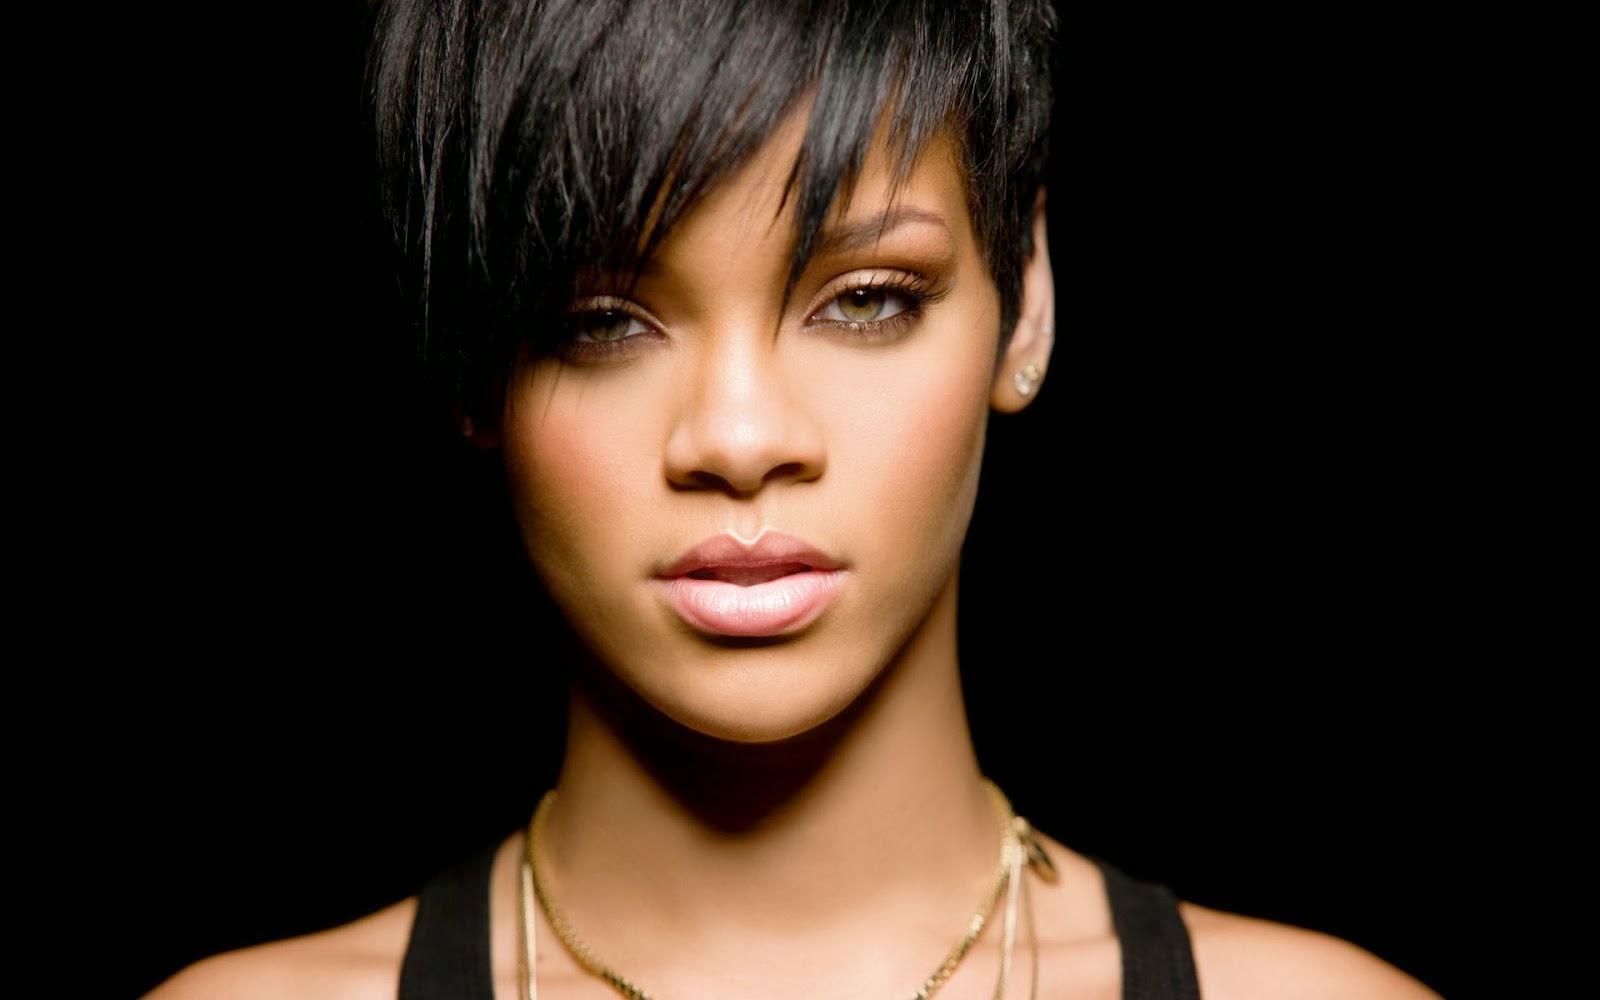 Profil dan Biografi Lengkap Rihanna